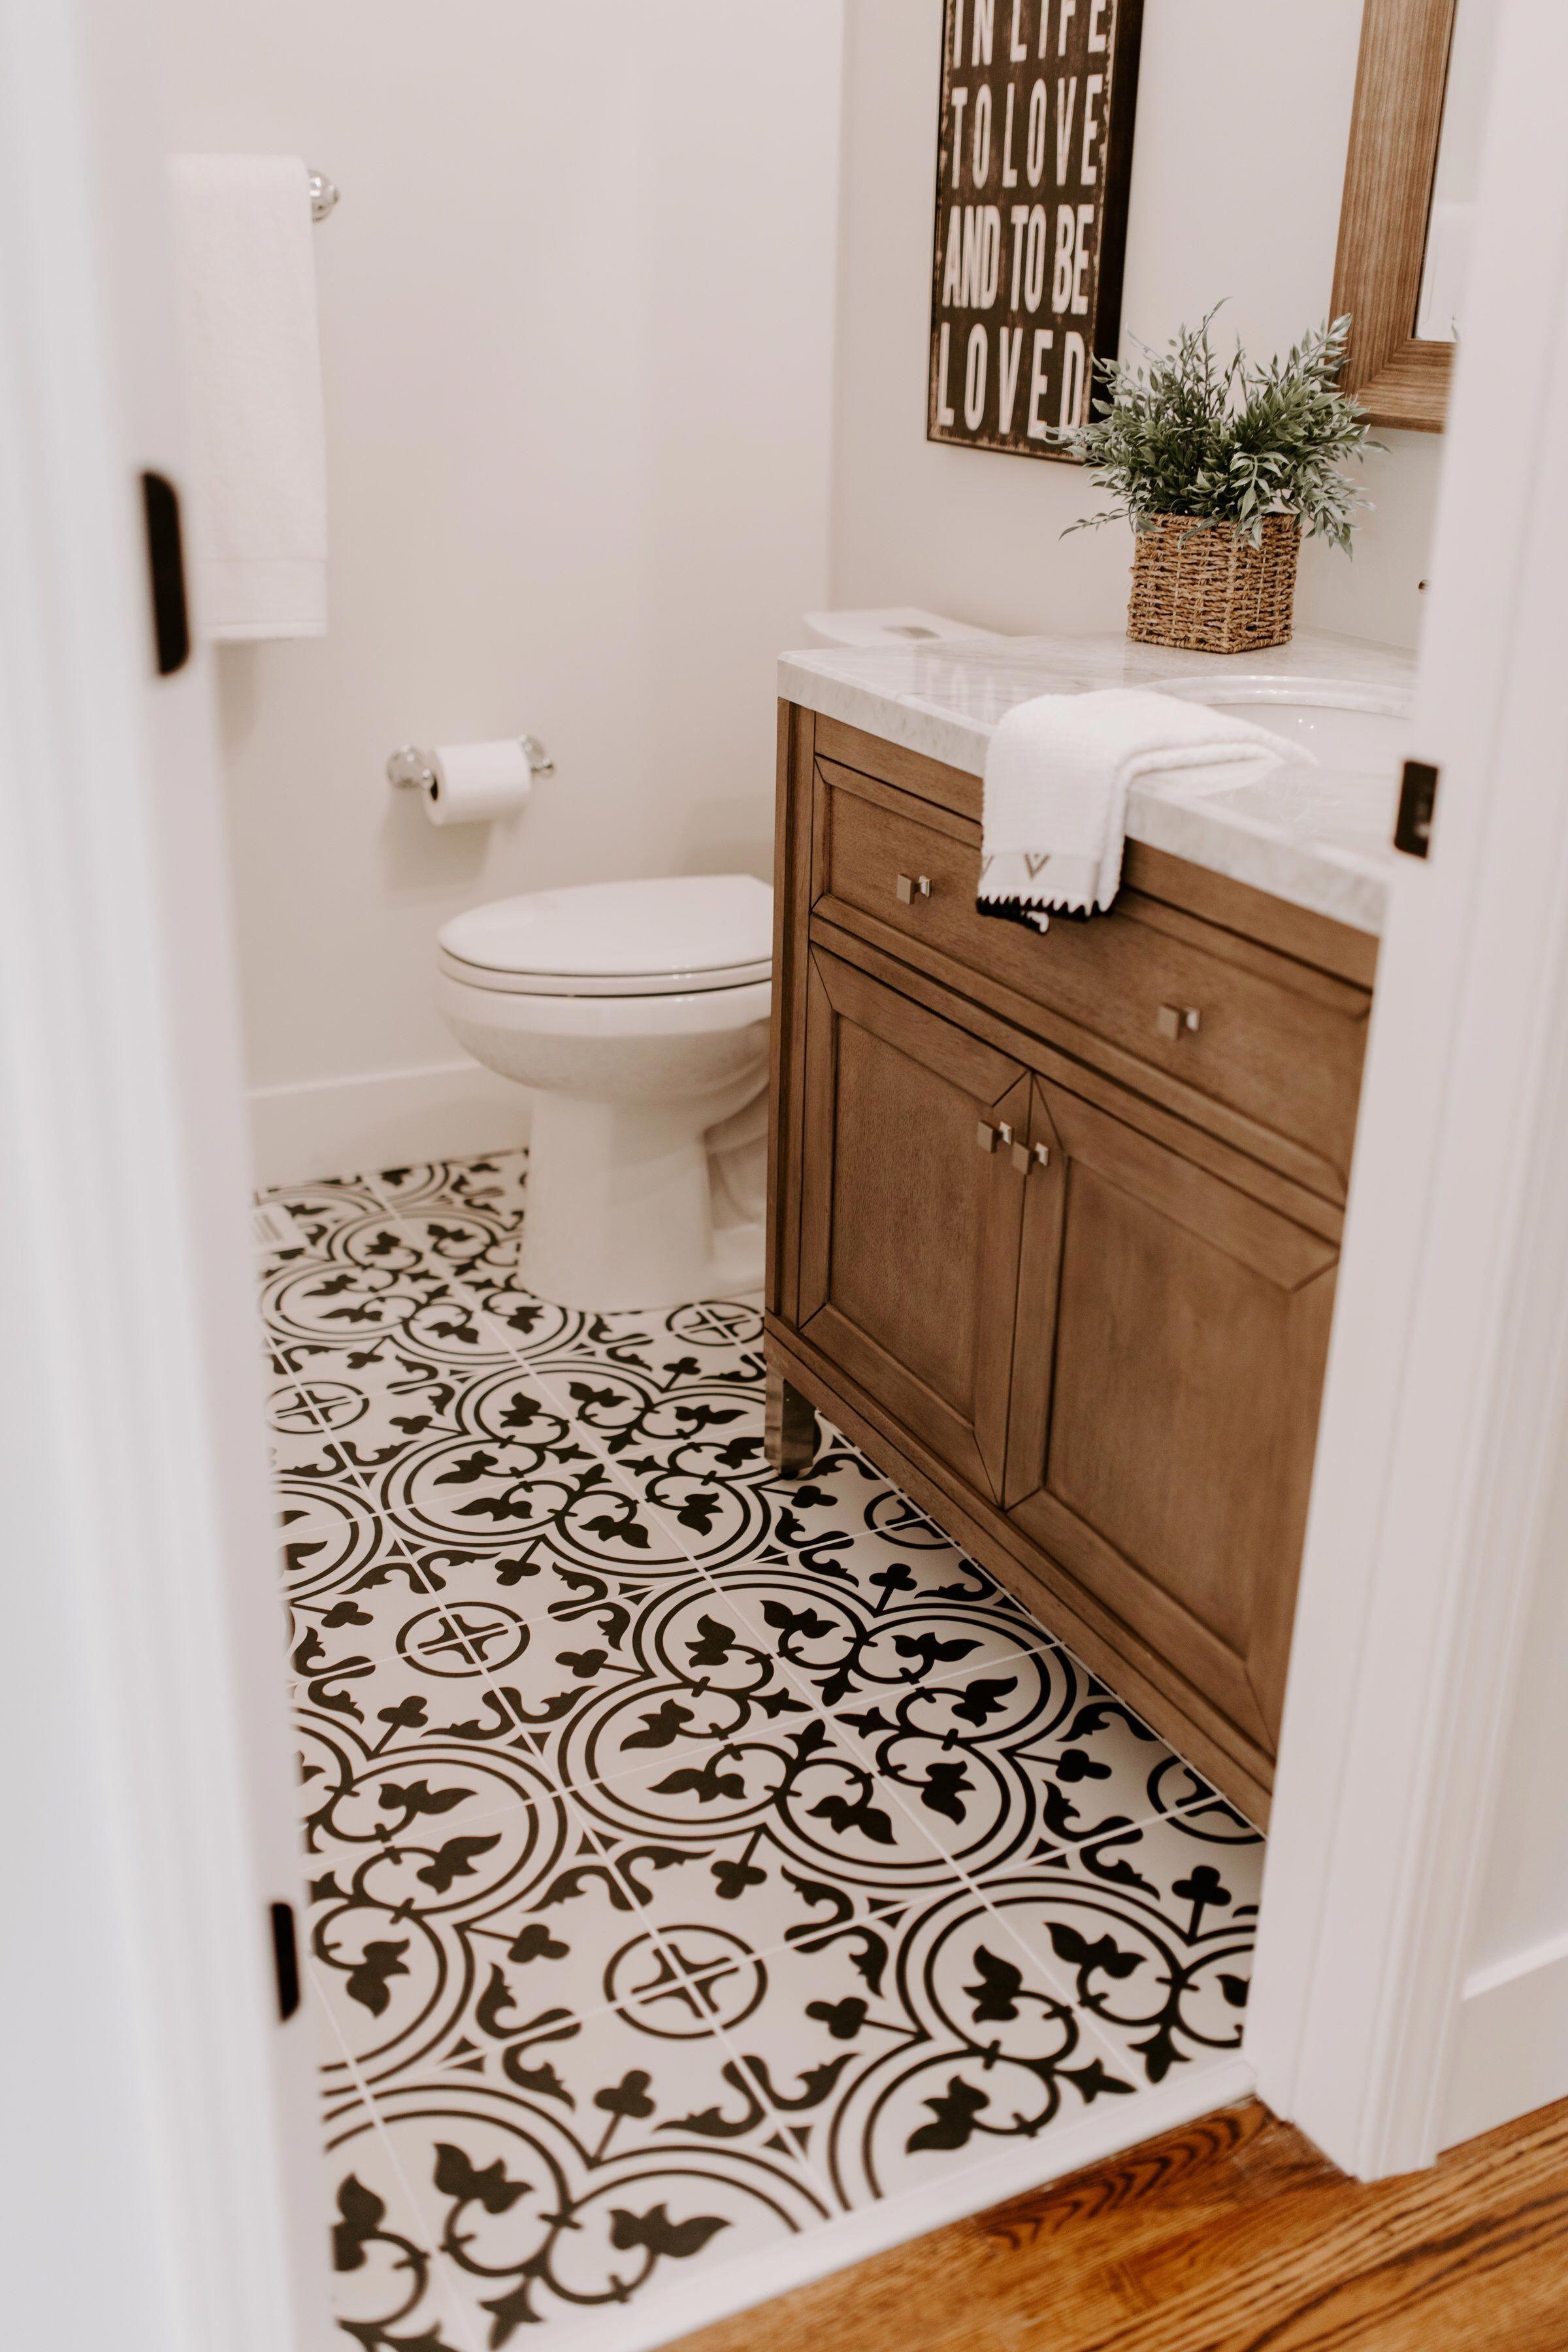 Pin Von Mimi Auf Zuhause Badezimmer Renovierungen Badezimmer Renovieren Kleine Badezimmer